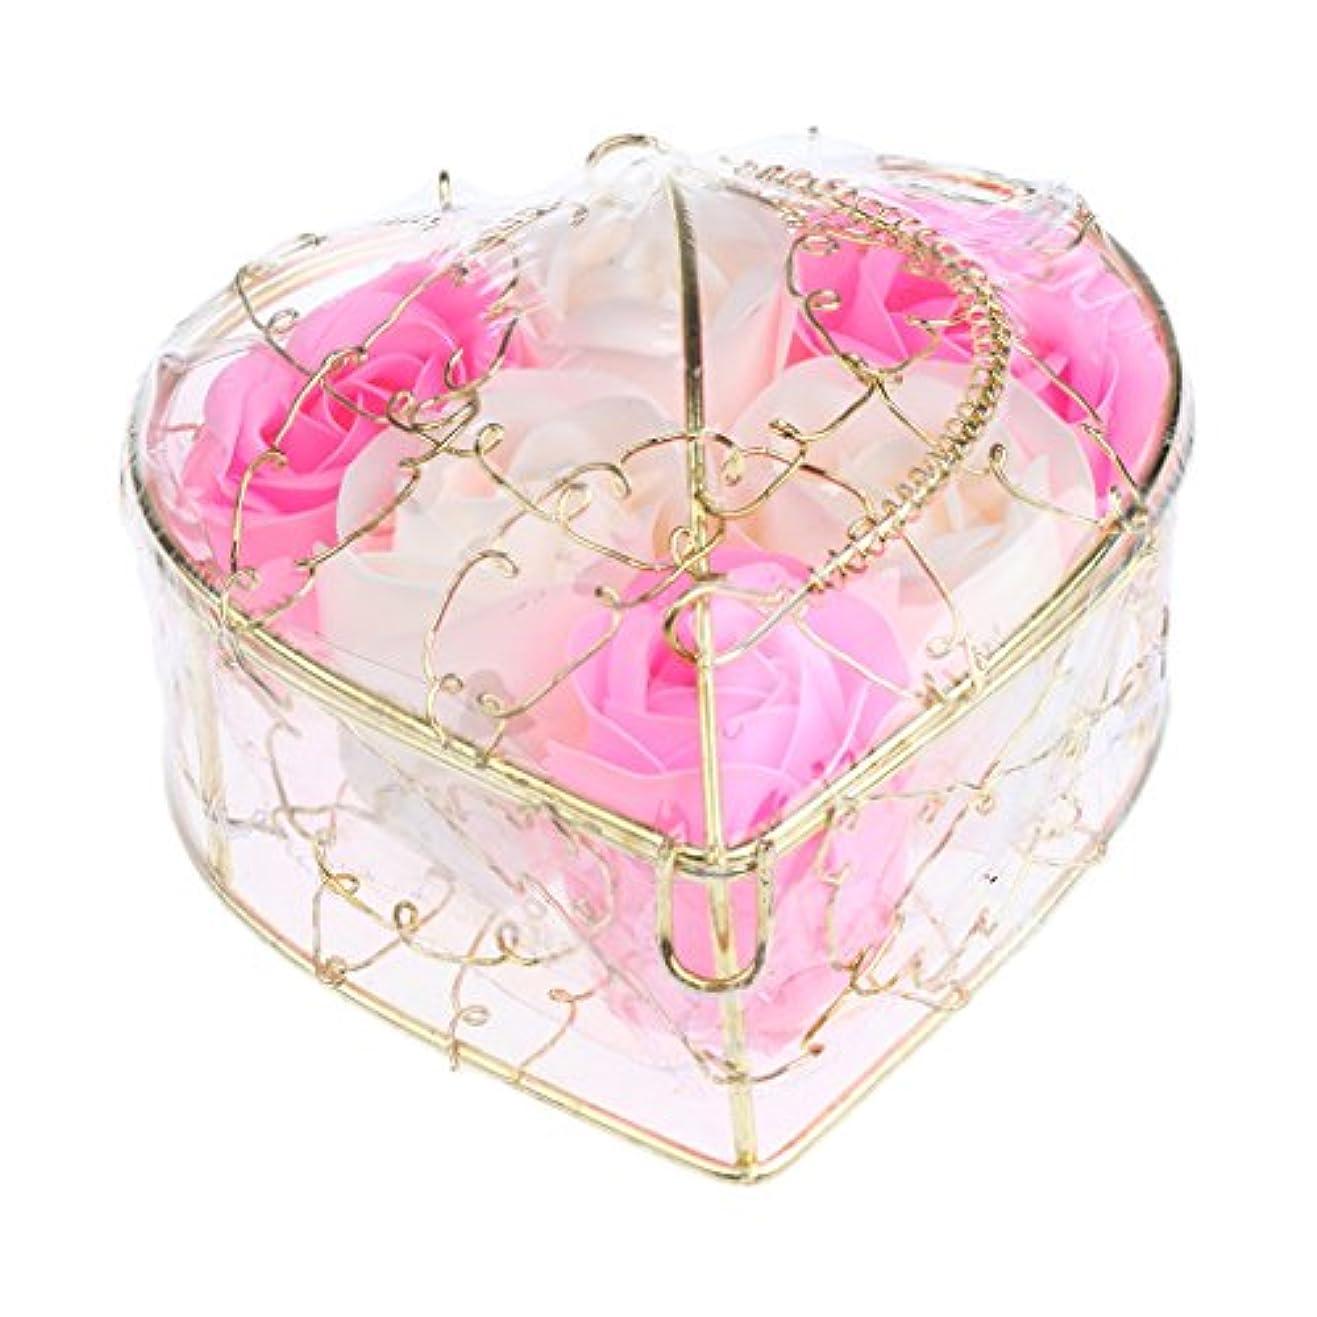 同意海軍光のBaoblaze 6個 石鹸の花 母の日 プレゼント 石鹸 お花 枯れないお花 心の形 ギフトボックス プレゼント 全5仕様選べる - ピンクとホワイト